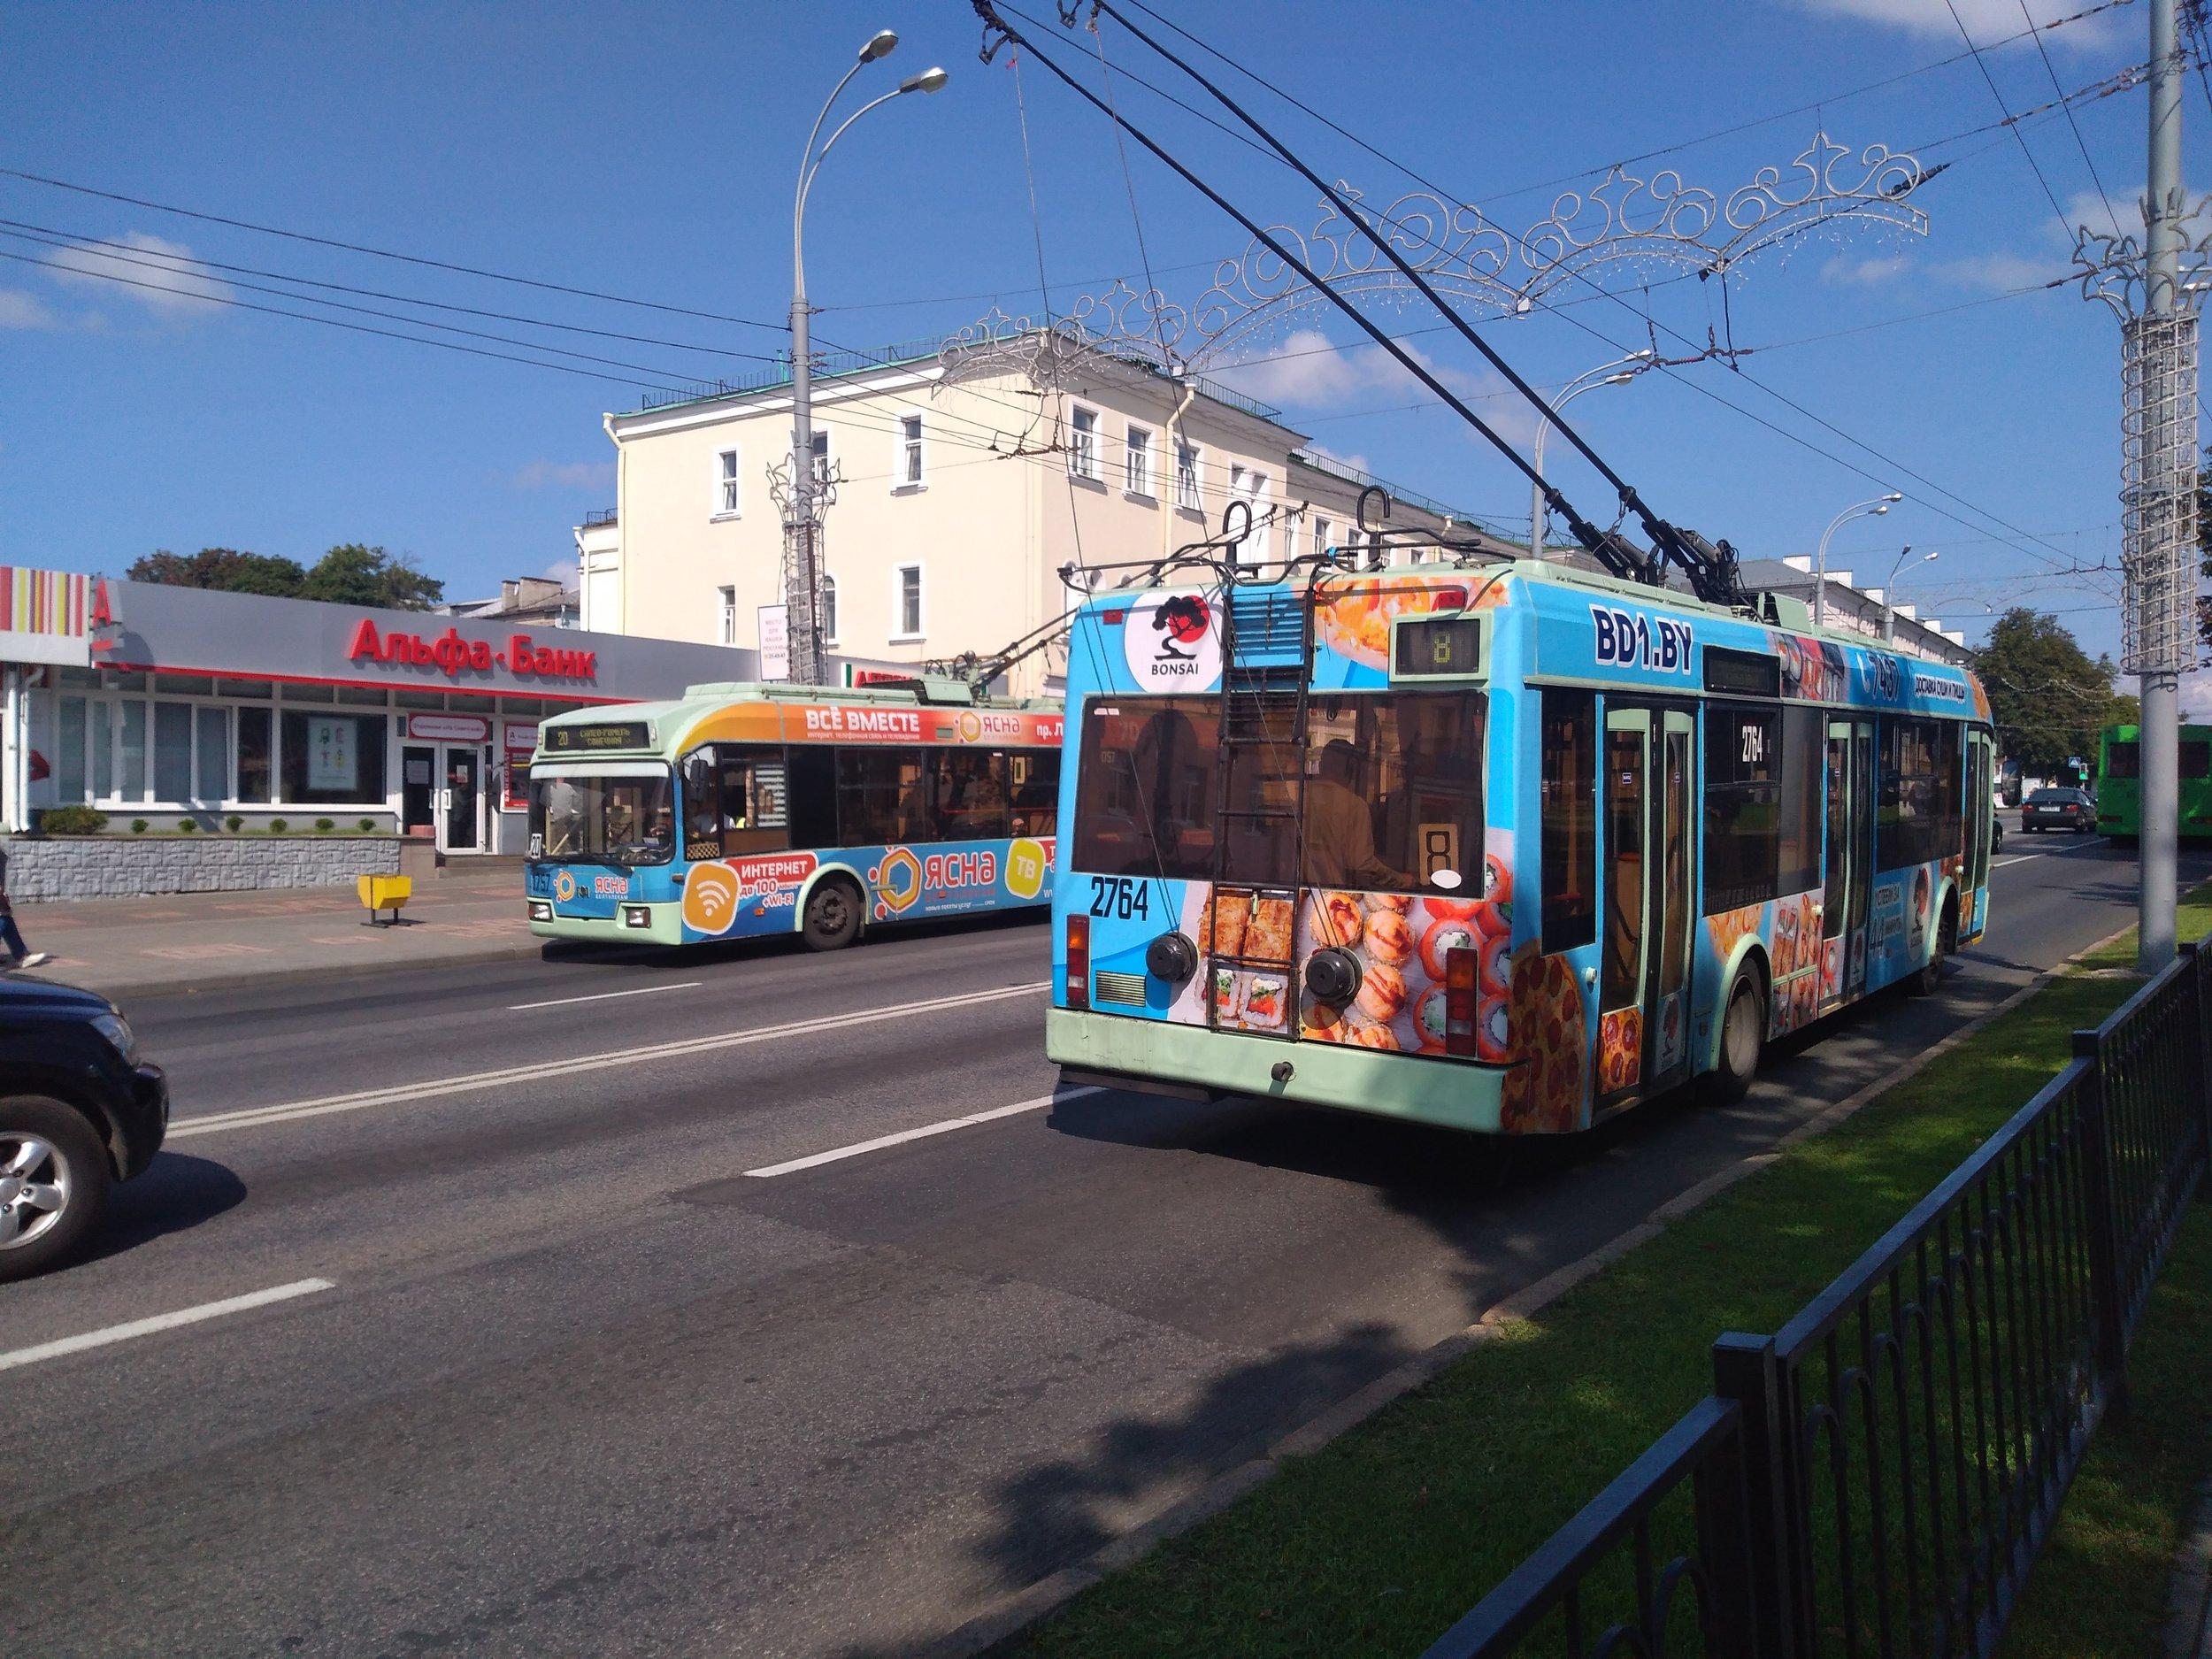 Trolejbusy se to v Homelu jenom hemží, zde vidíme dva nedaleko místního cirkusu.